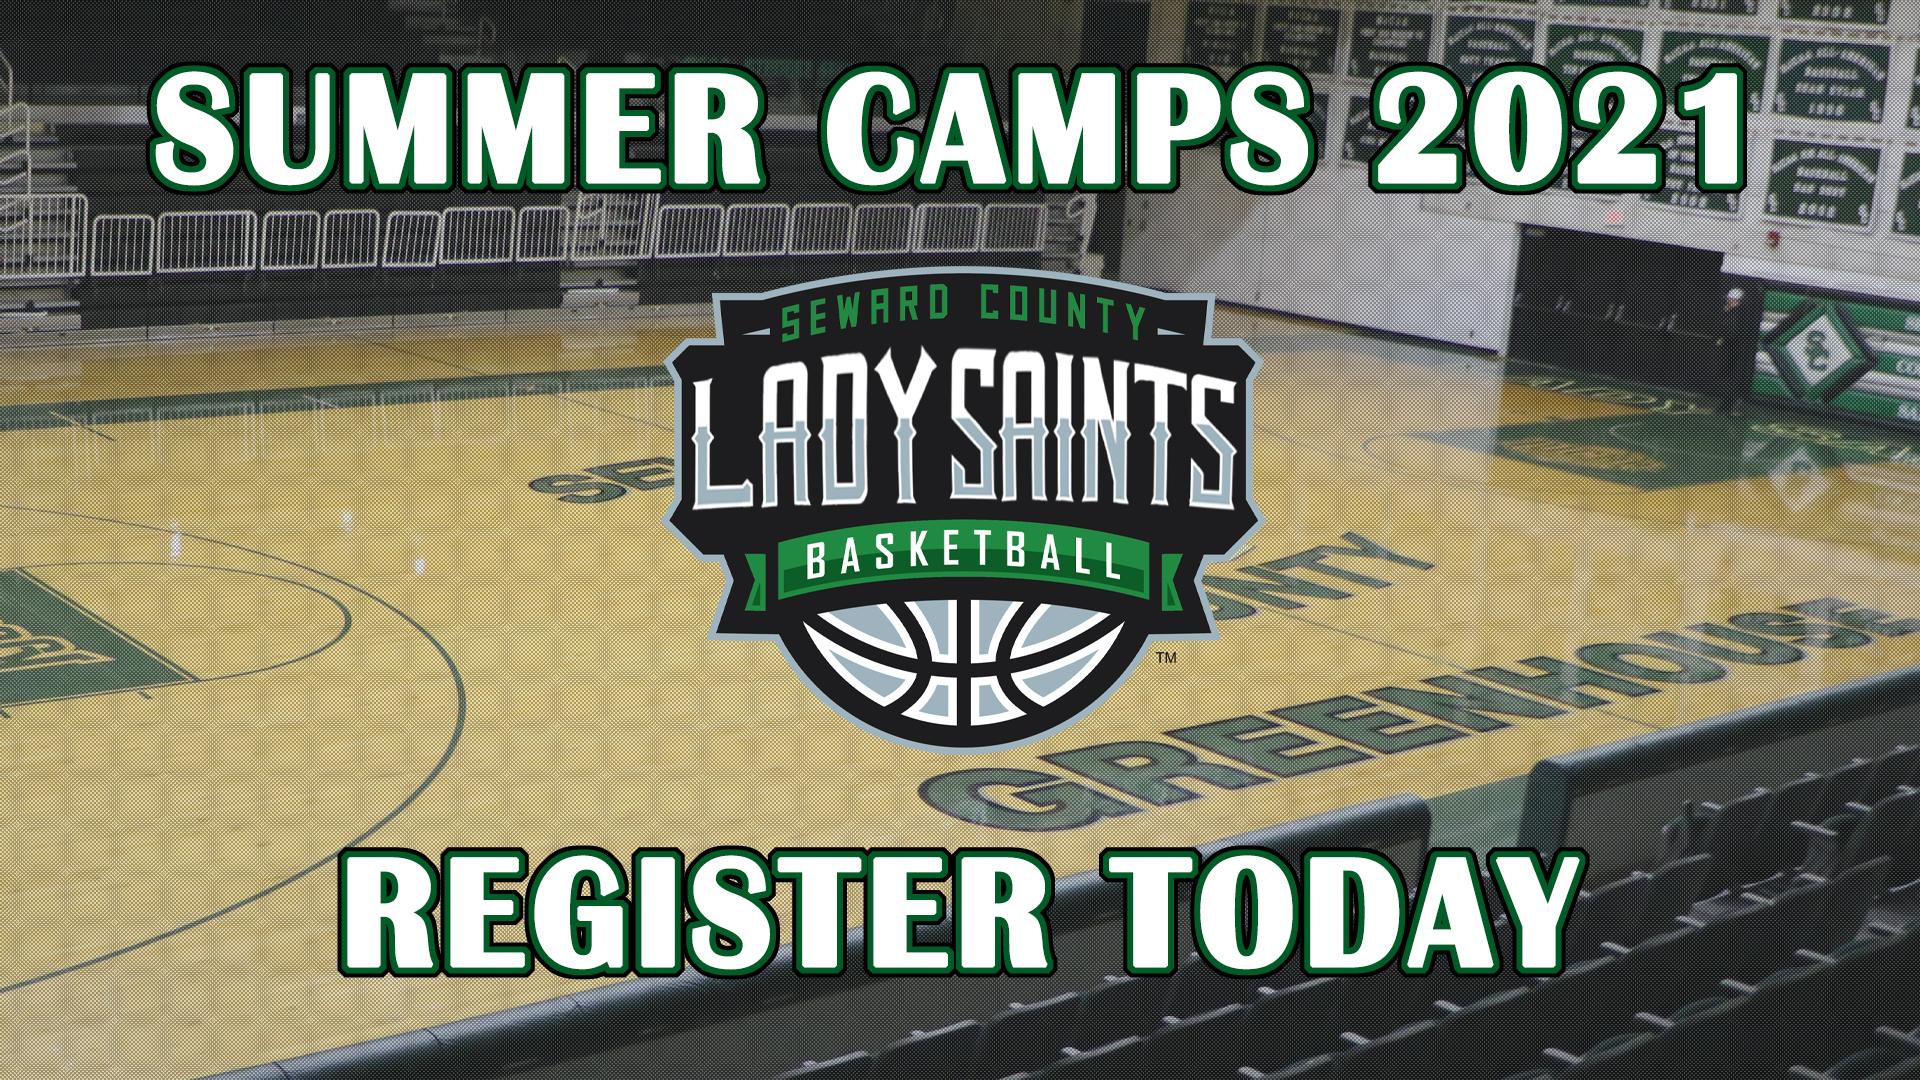 Lady Saints Camps Open for Registration